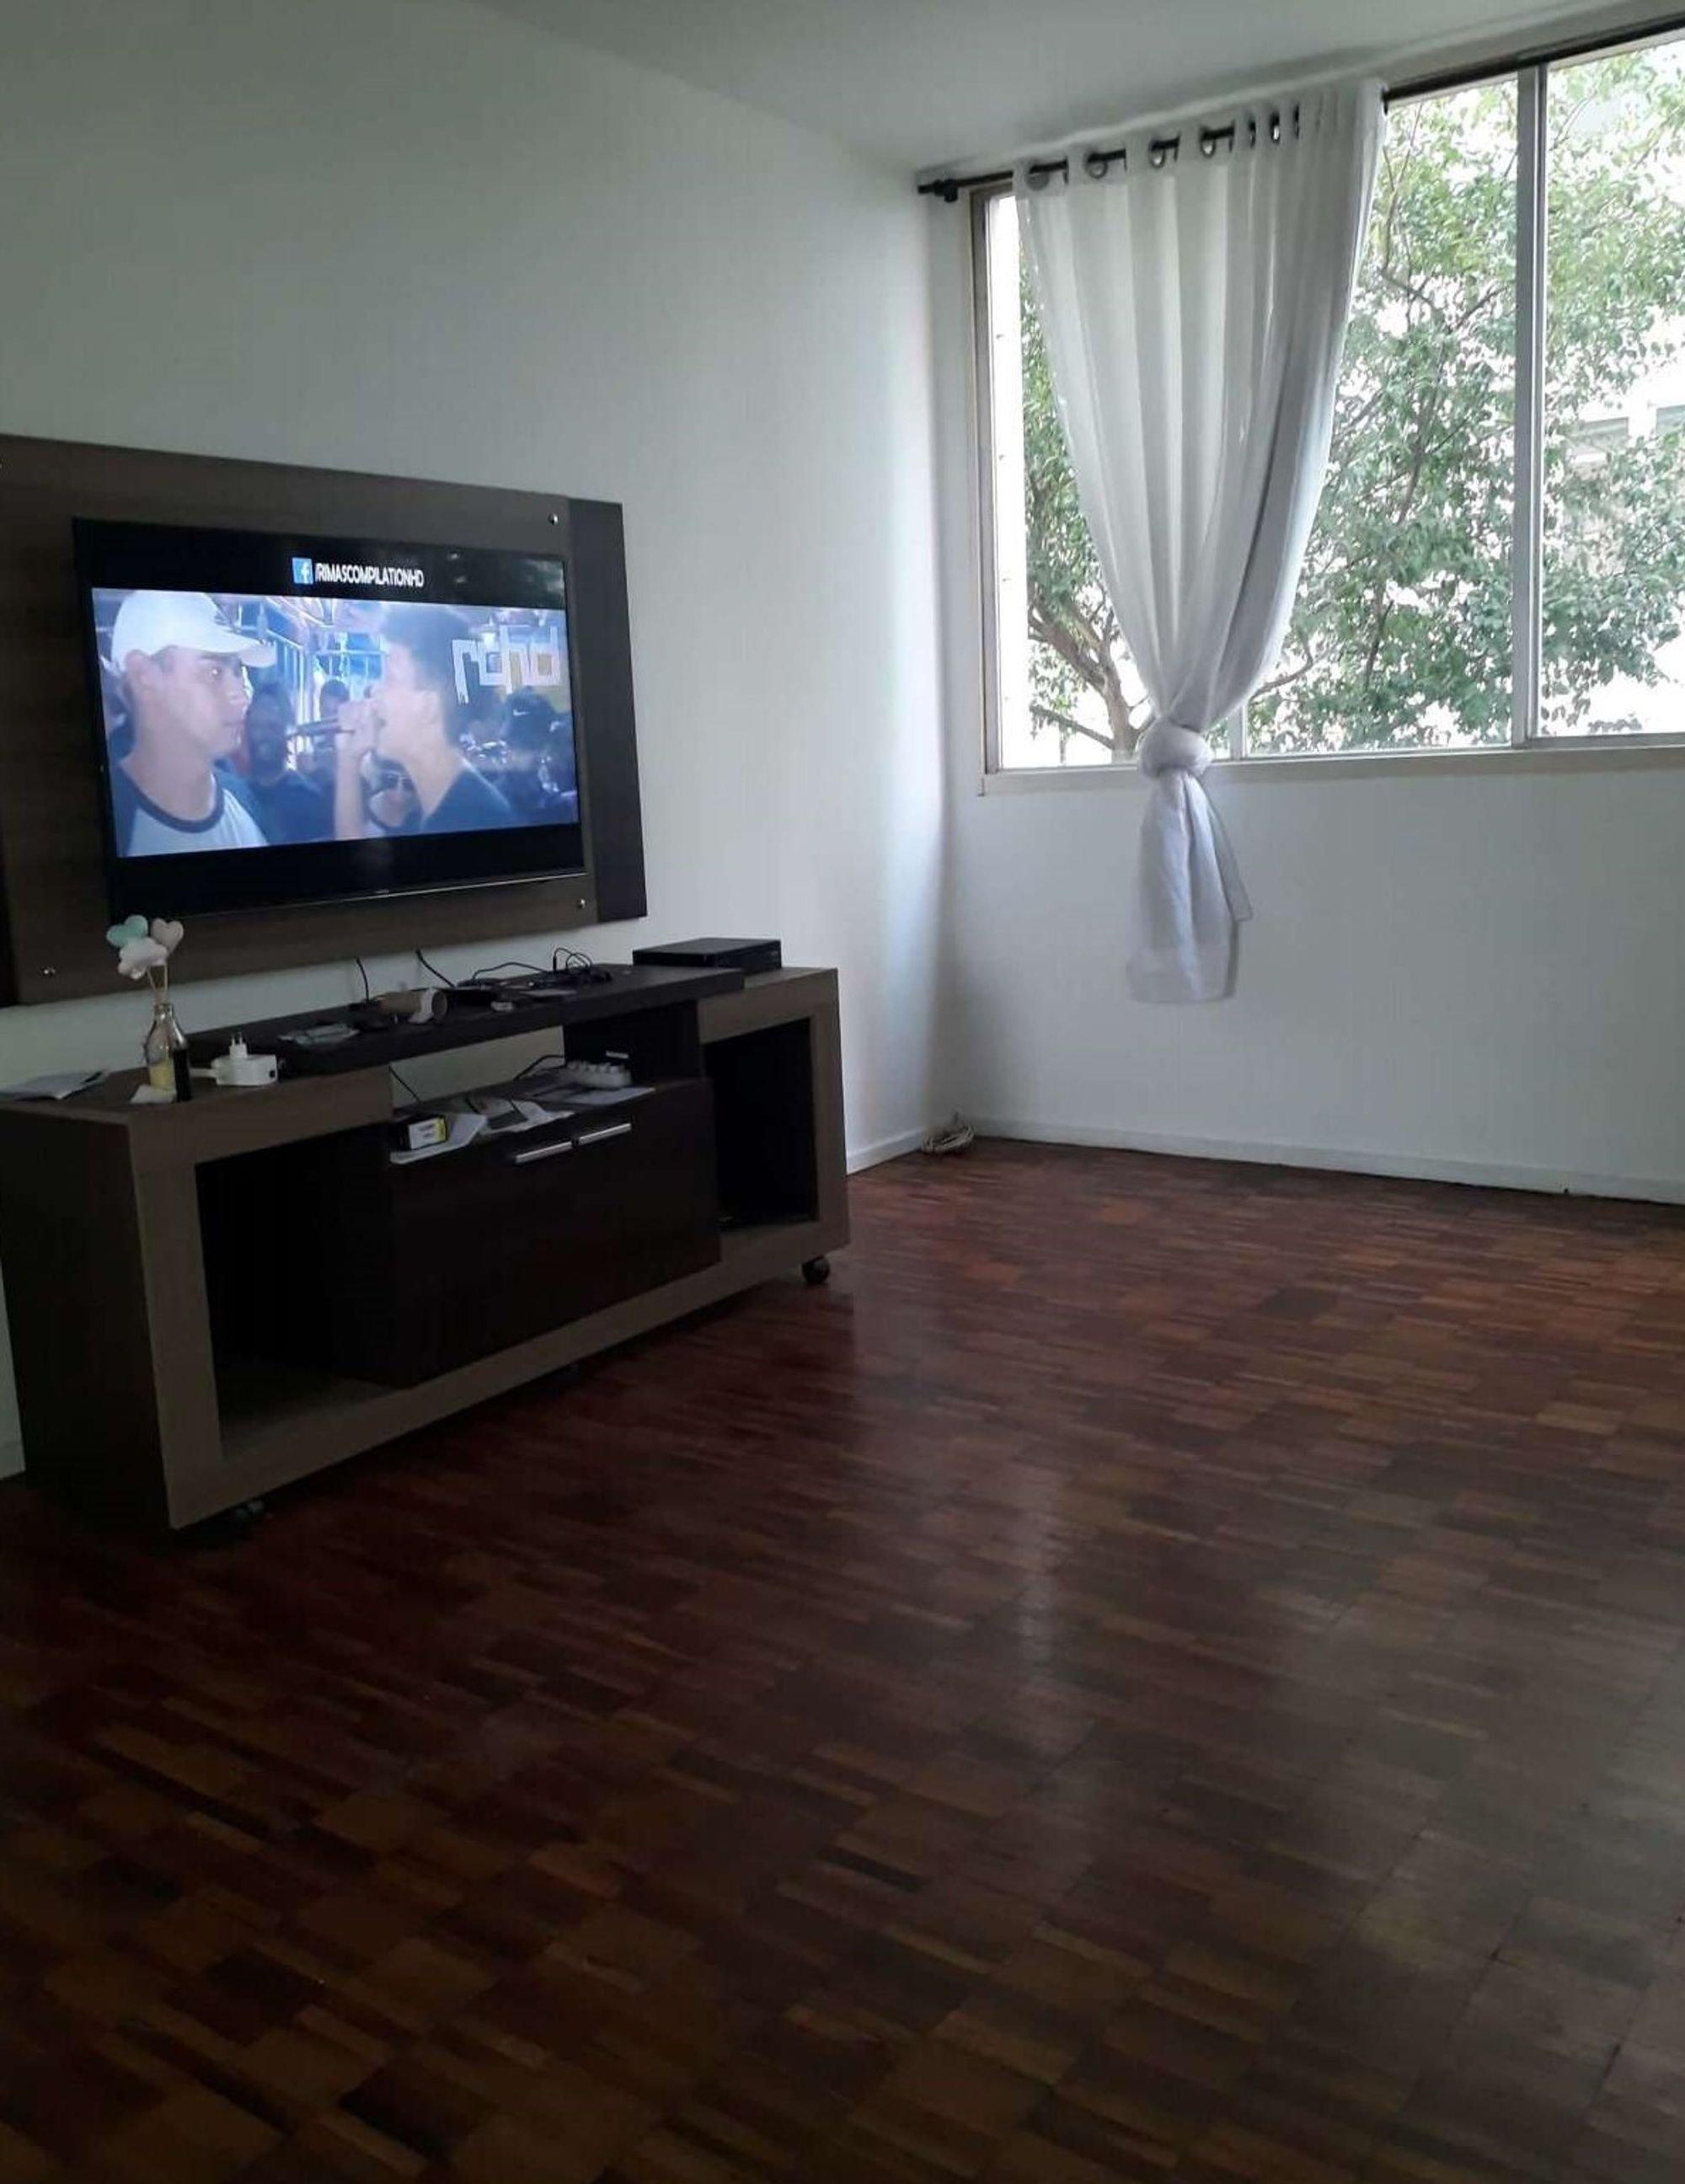 Foto de Sala com televisão, vaso